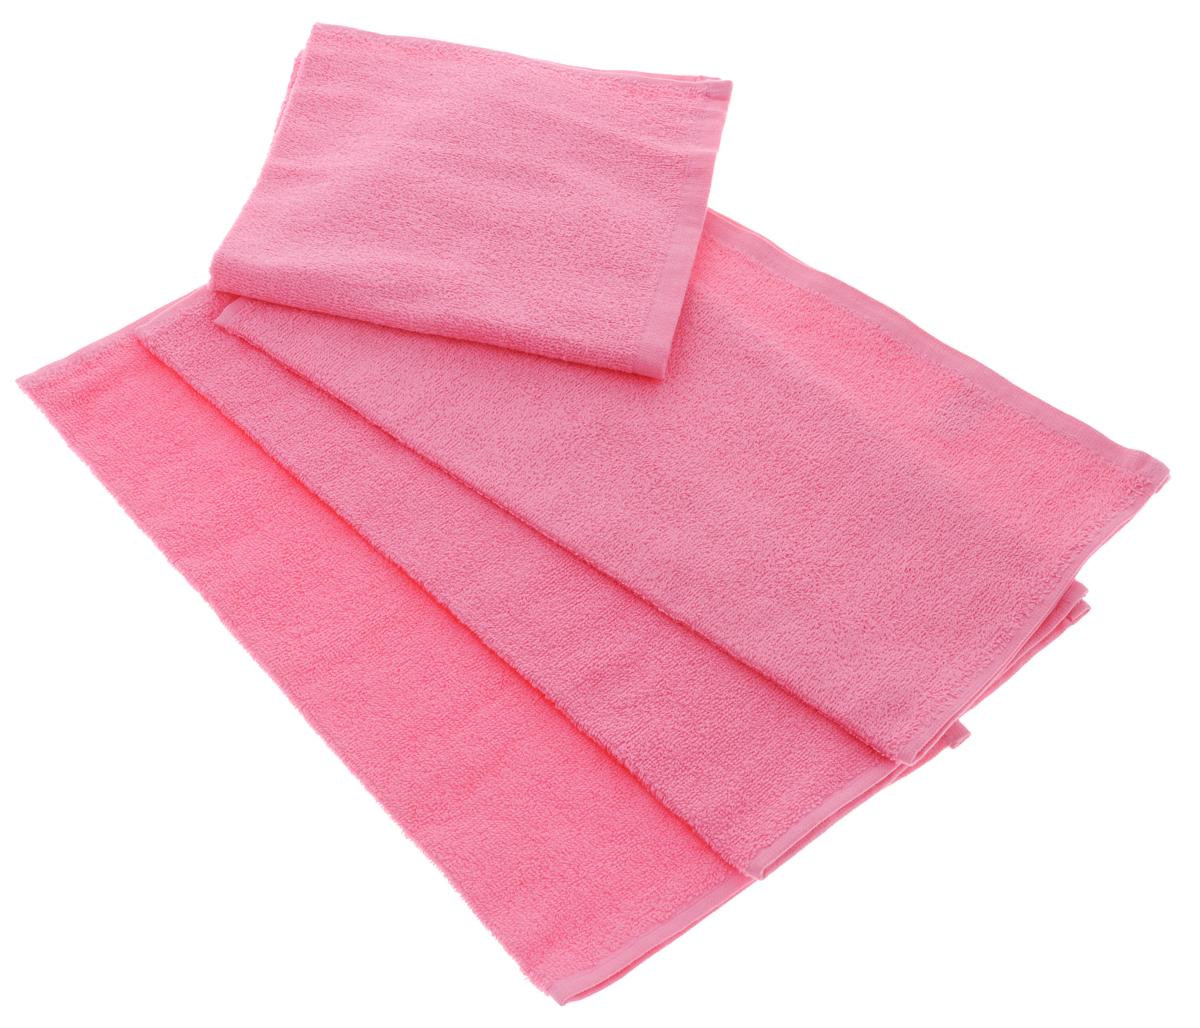 Набор махровых полотенец Aisha Home Textile, цвет: розовый, 40 х 40 см, 4 штУзТ-НПБ-100-04Набор Aisha Home Textile состоит из 4 махровых полотенец, выполненных из натурального 100% хлопка. Изделия отлично впитывают влагу, быстро сохнут, сохраняют яркость цвета и не теряют формы даже после многократных стирок. Полотенца Aisha Home Textile очень практичны и неприхотливы в уходе. Комплектация: 4 шт.